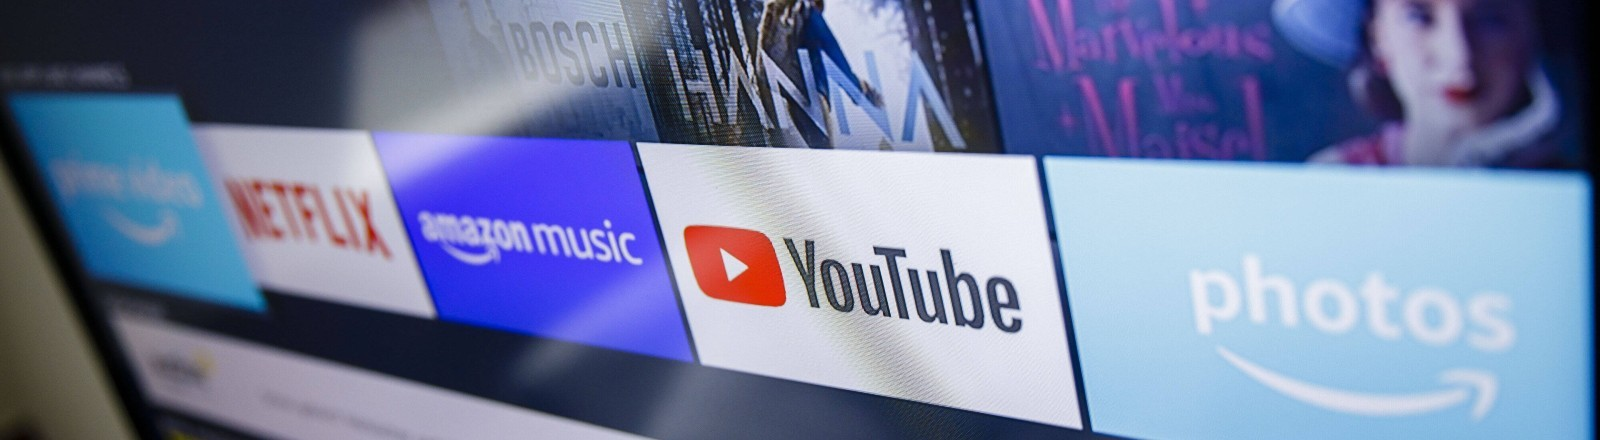 Verschiedene Streaminganbieter auf einem Bildschirm